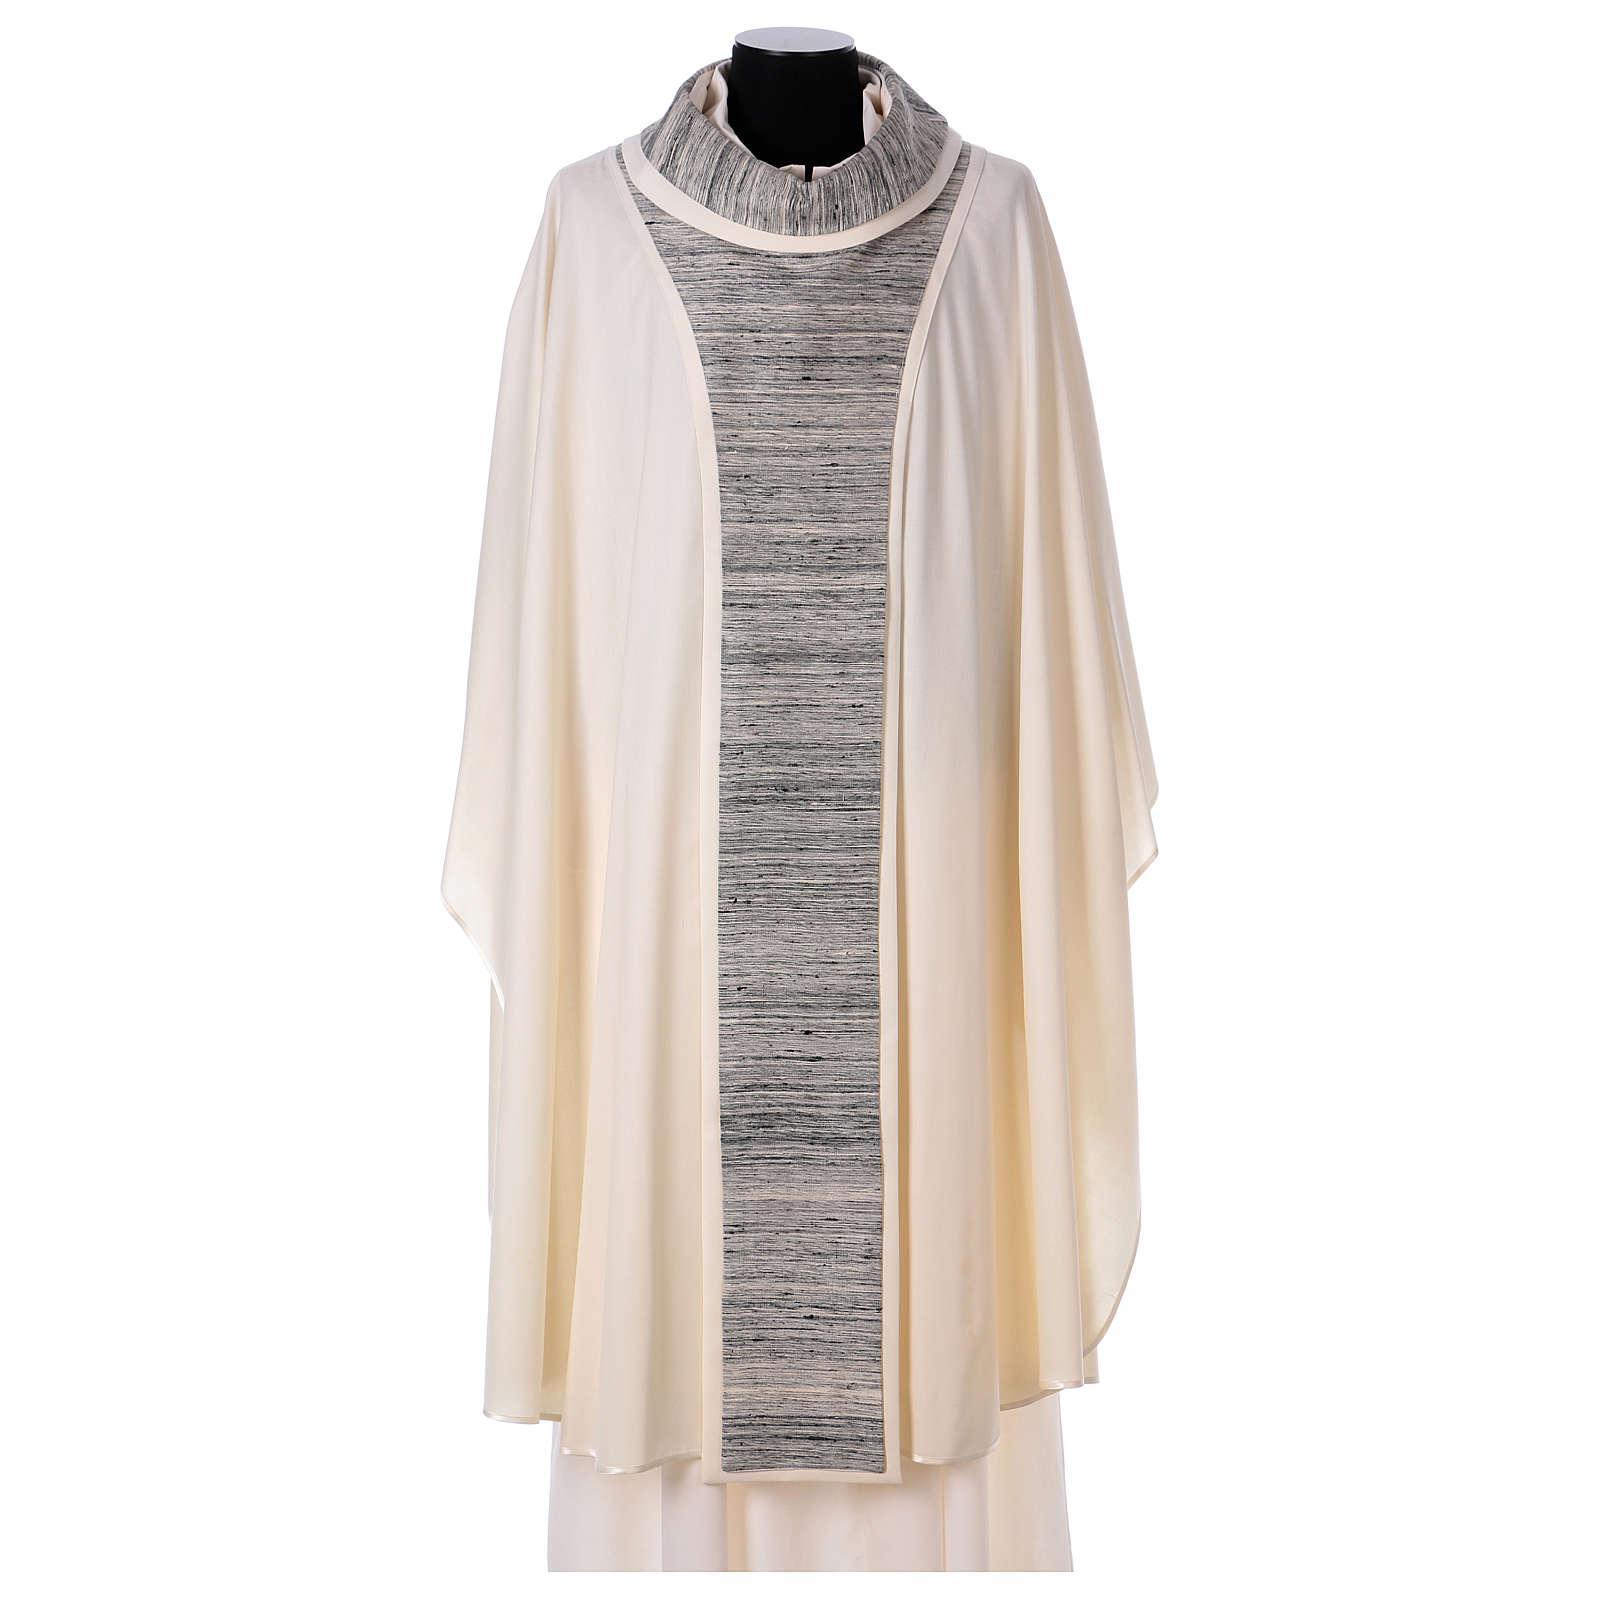 Casulla 100% lana, decoración central en 100% seda 4